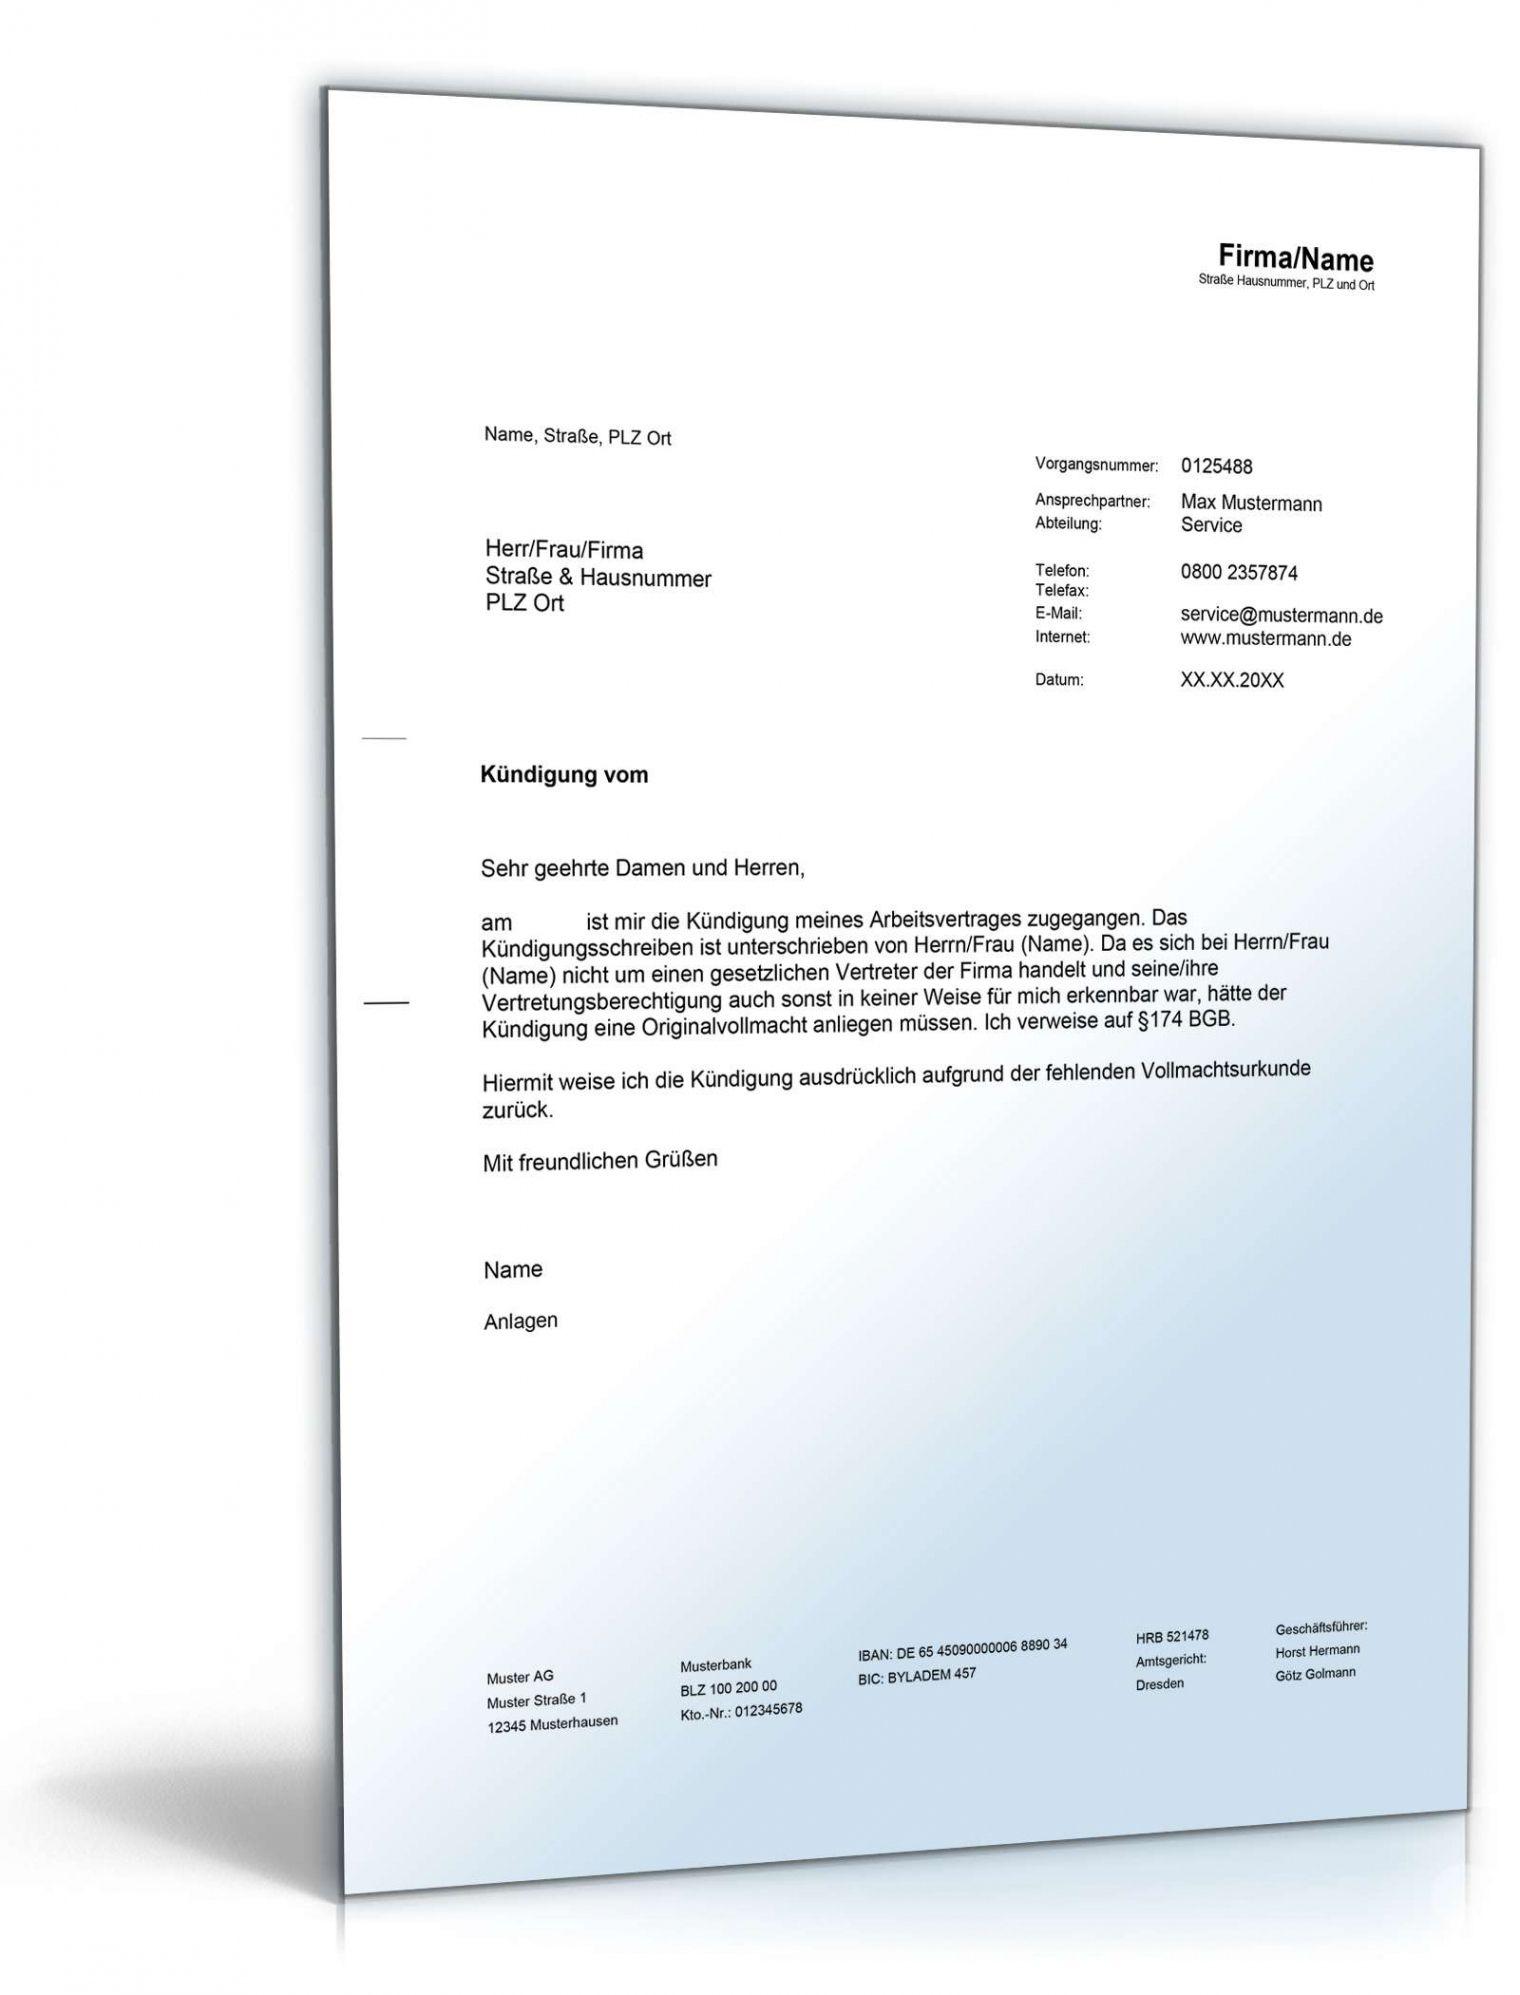 Scrollen Unsere Das Beispiel Von Zuruckweisung Rechnung Vorlage In 2020 Rechnung Vorlage Vorlagen Vorlagen Word